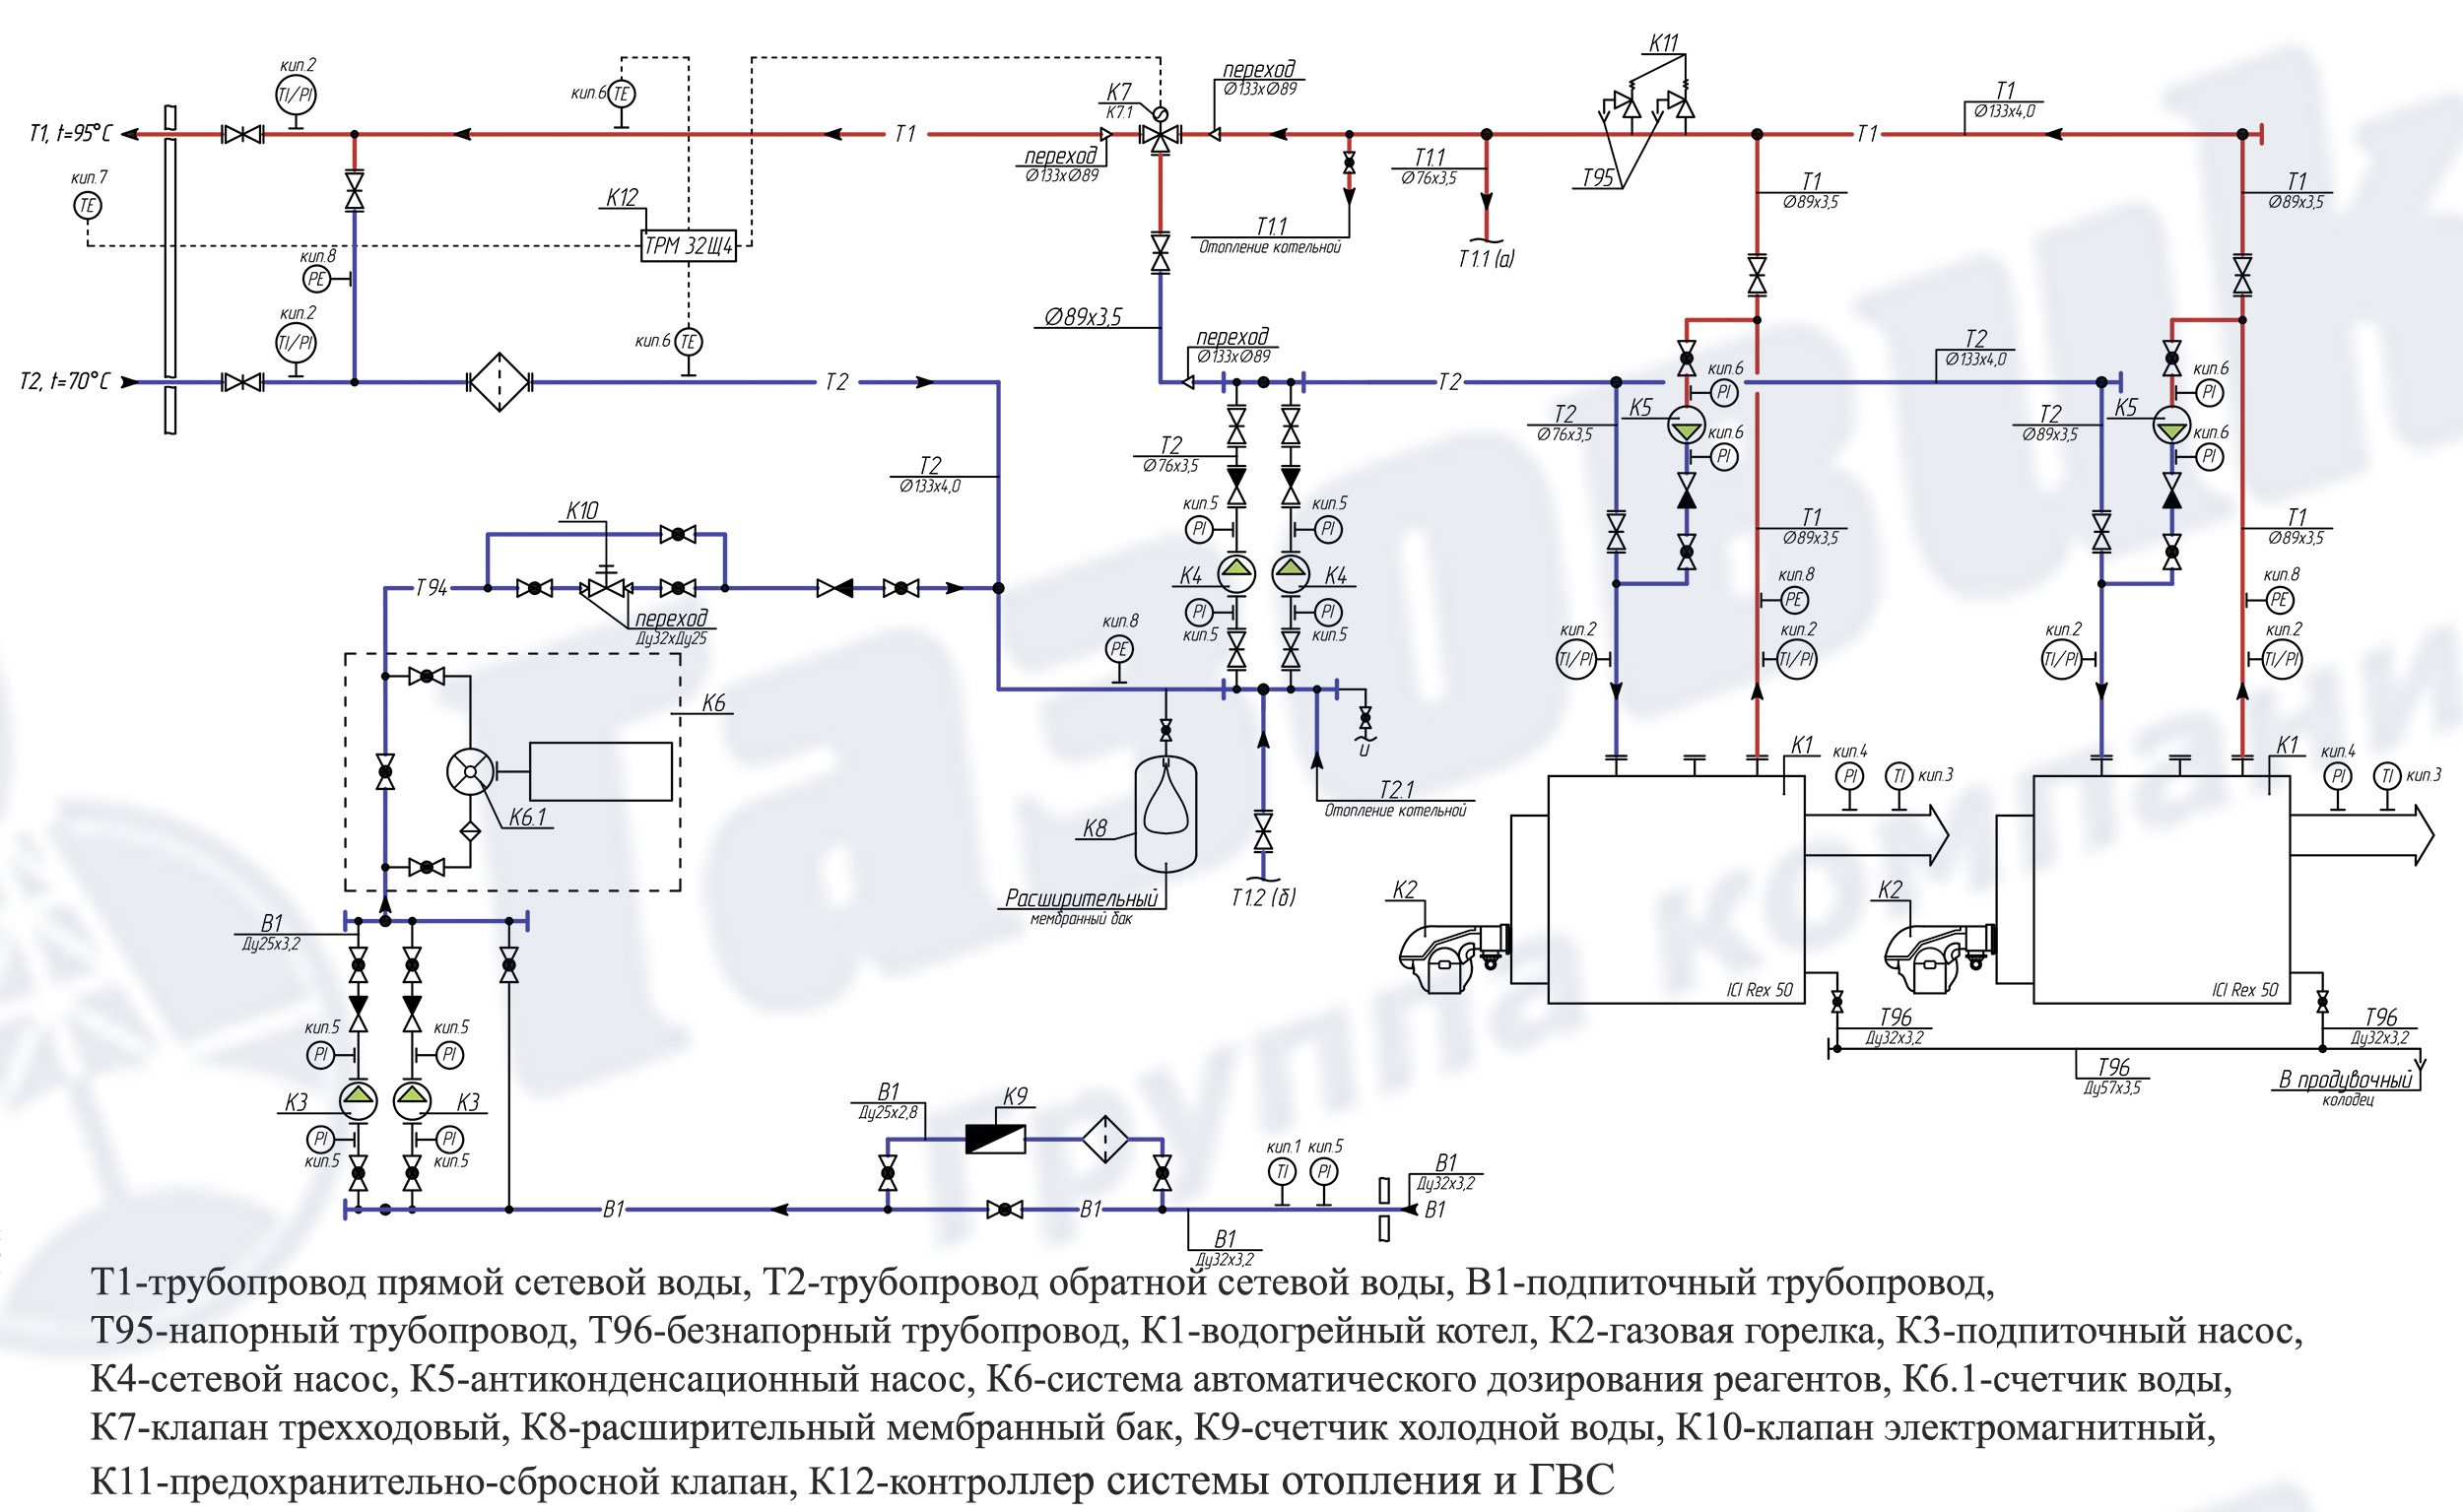 эл. схем автоматики по включению насосов в блочных котельных